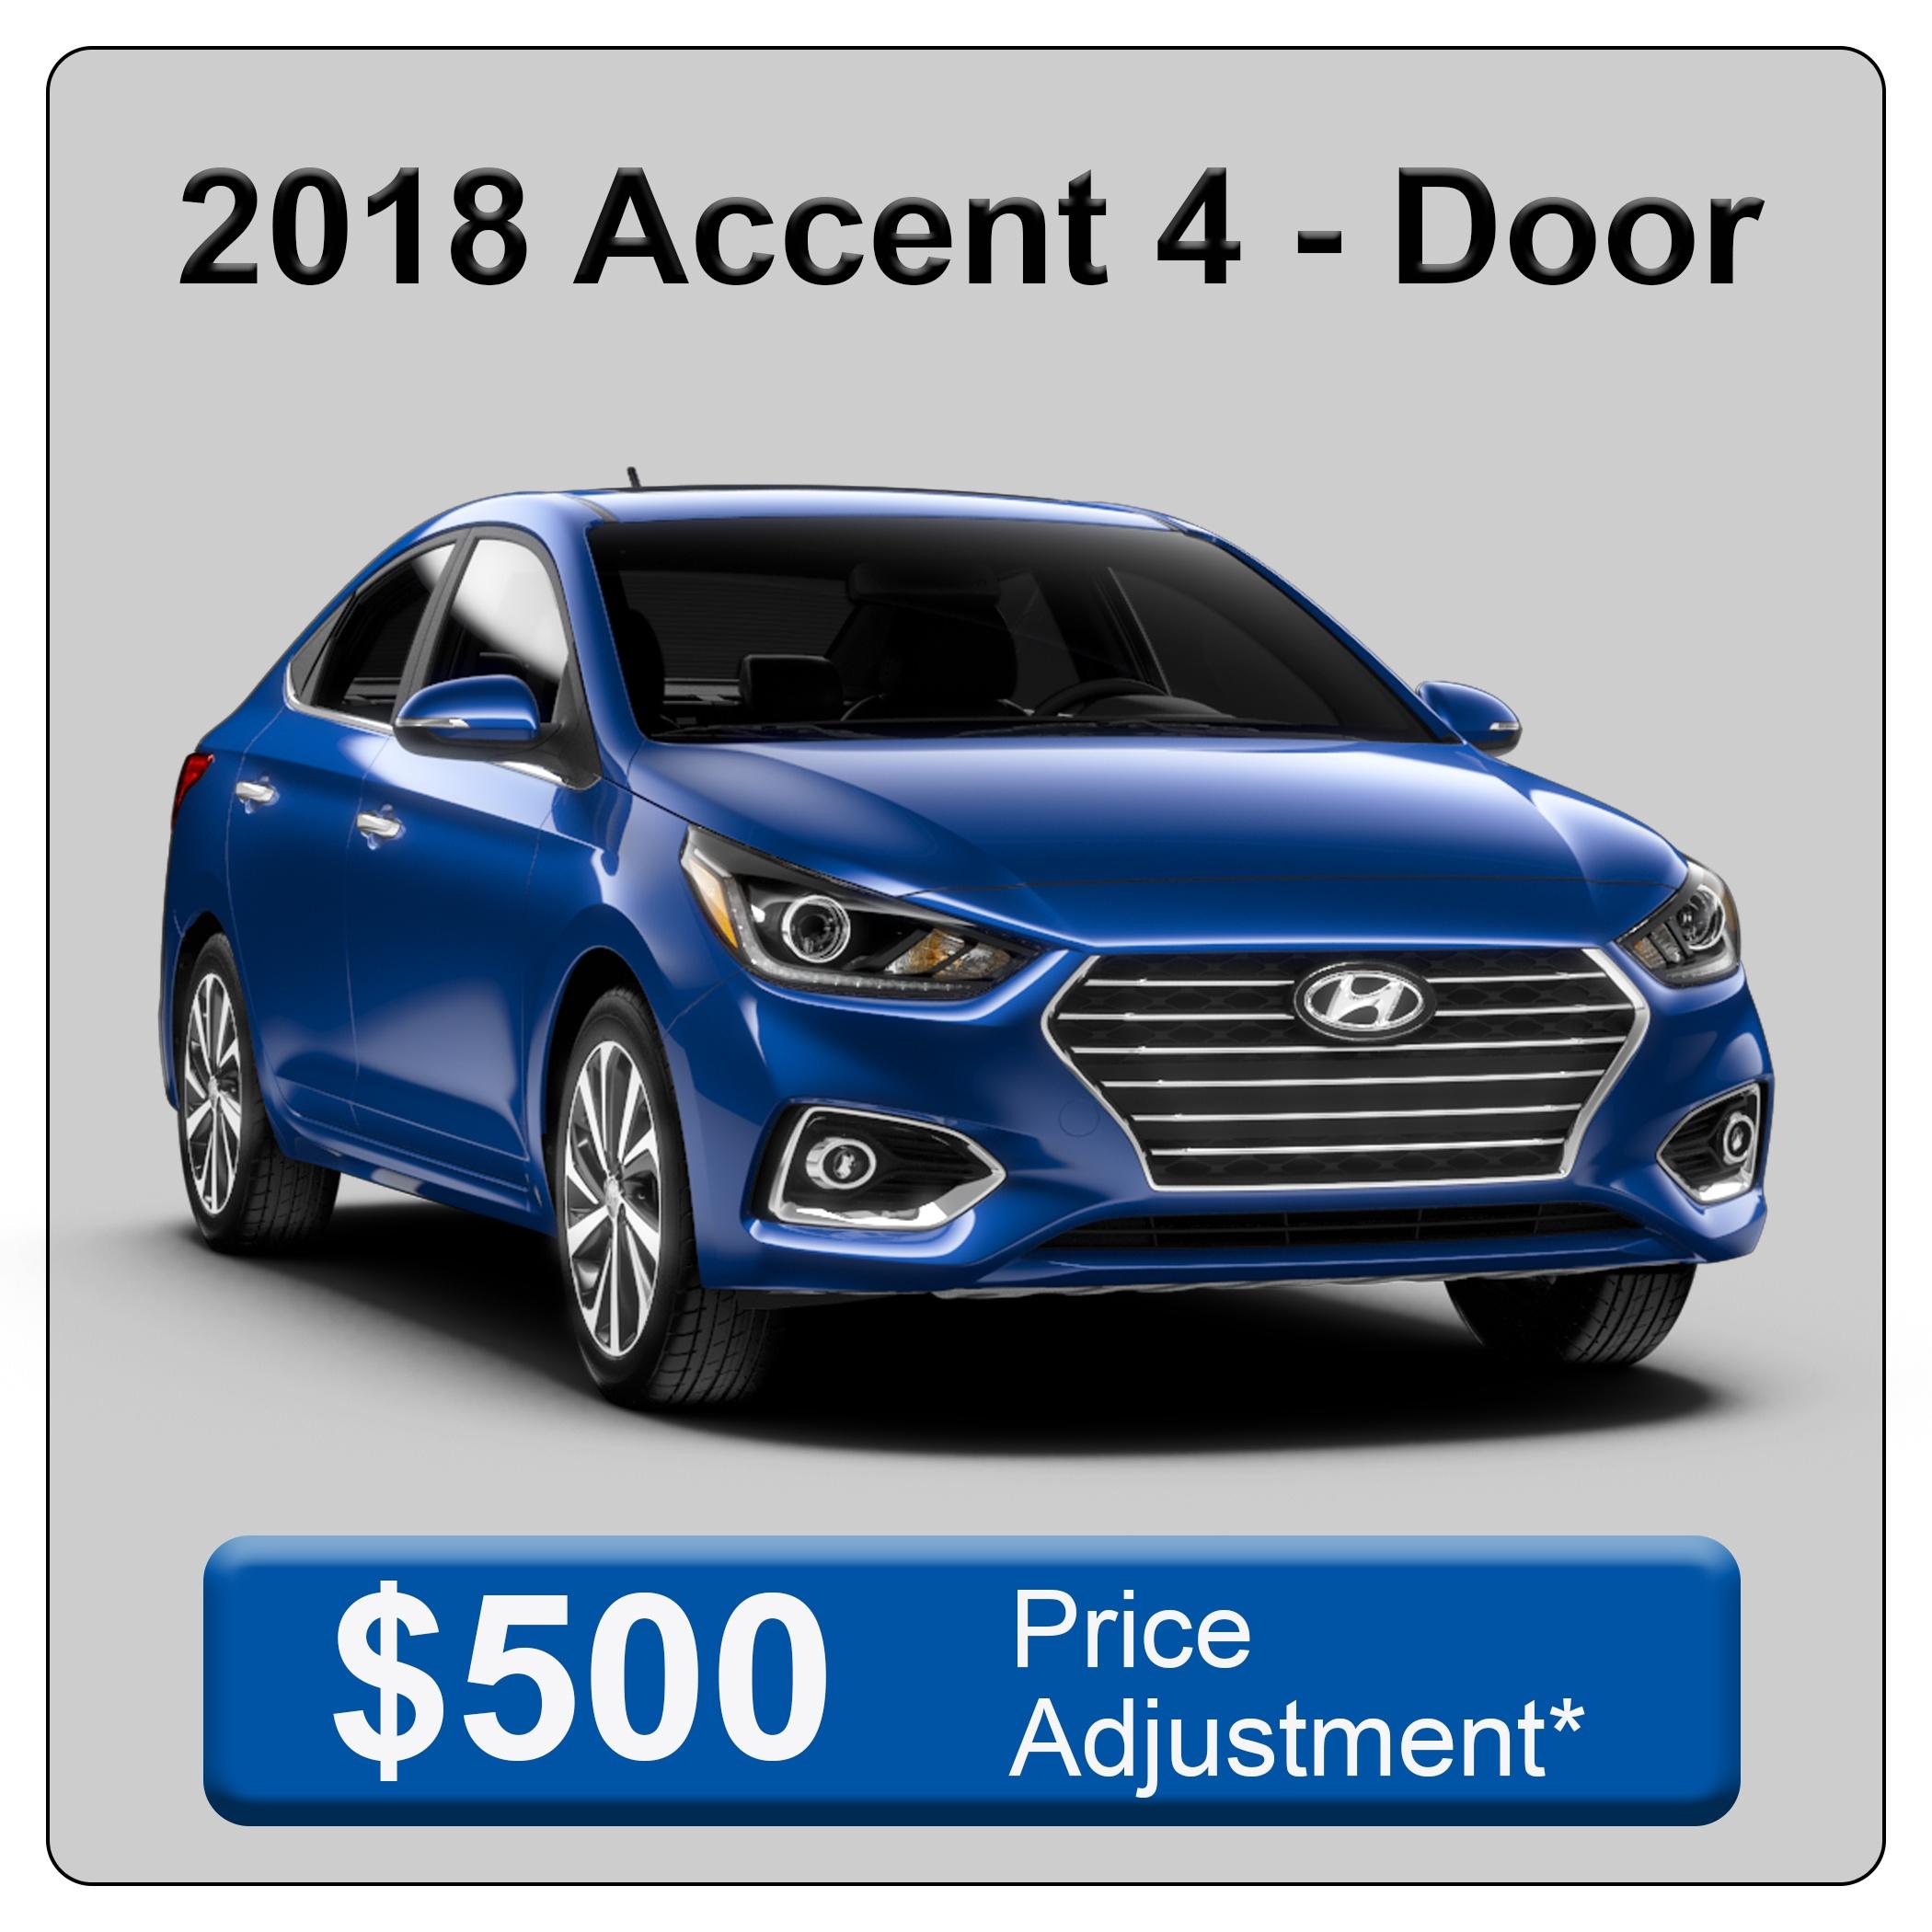 2018 Accent 4 Door